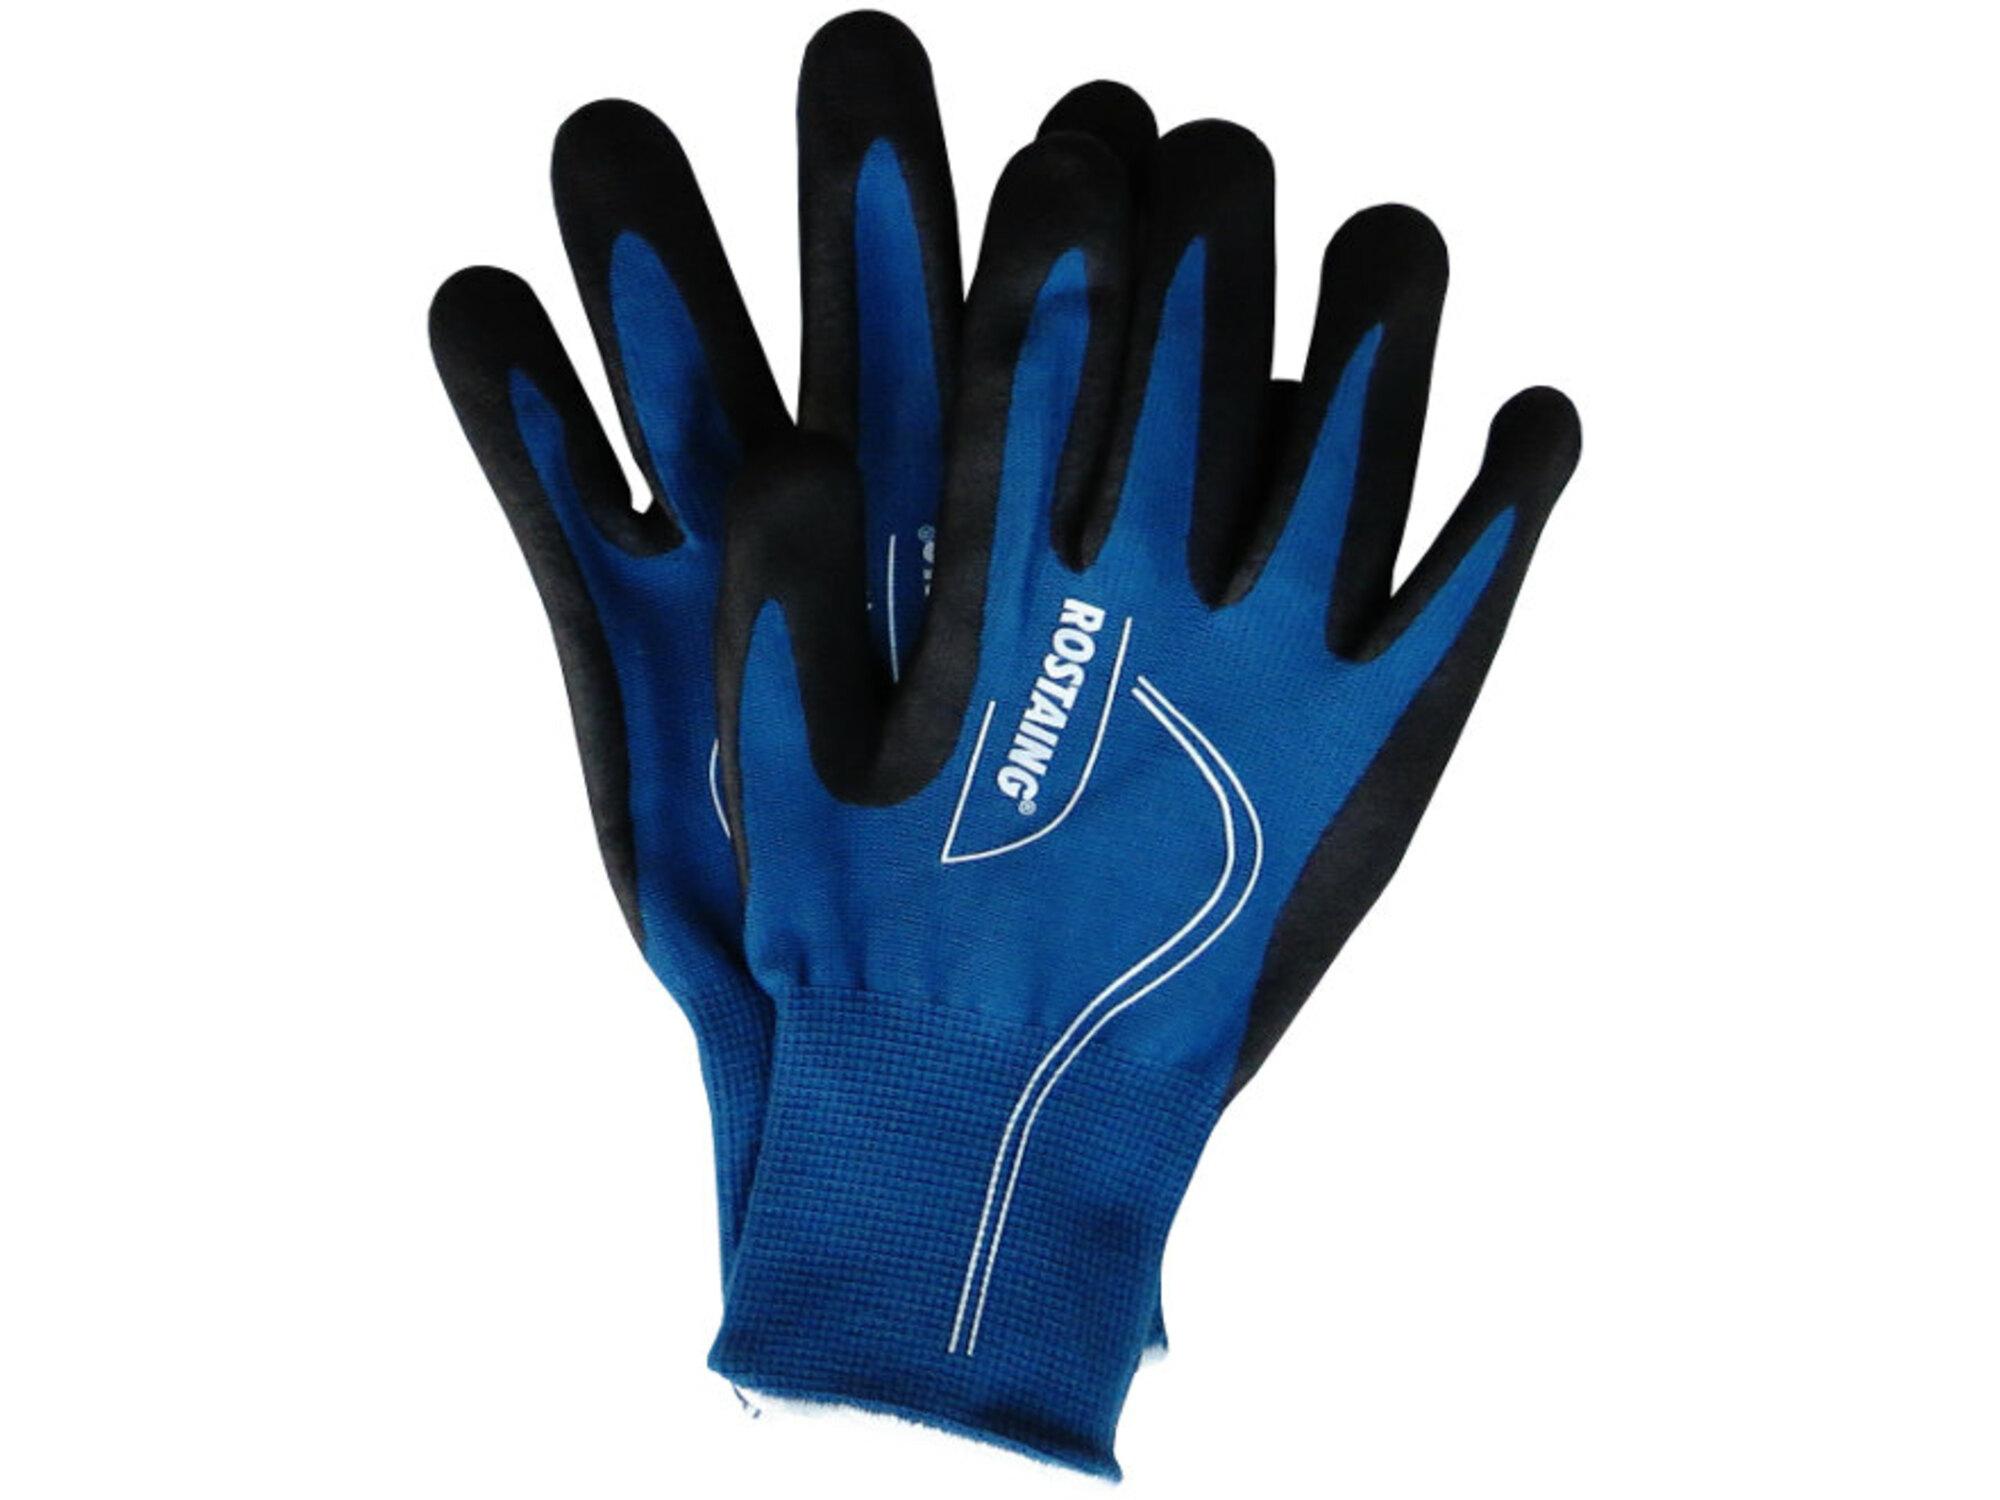 CANADA delovne rokavice ROS 3642/9 št.9